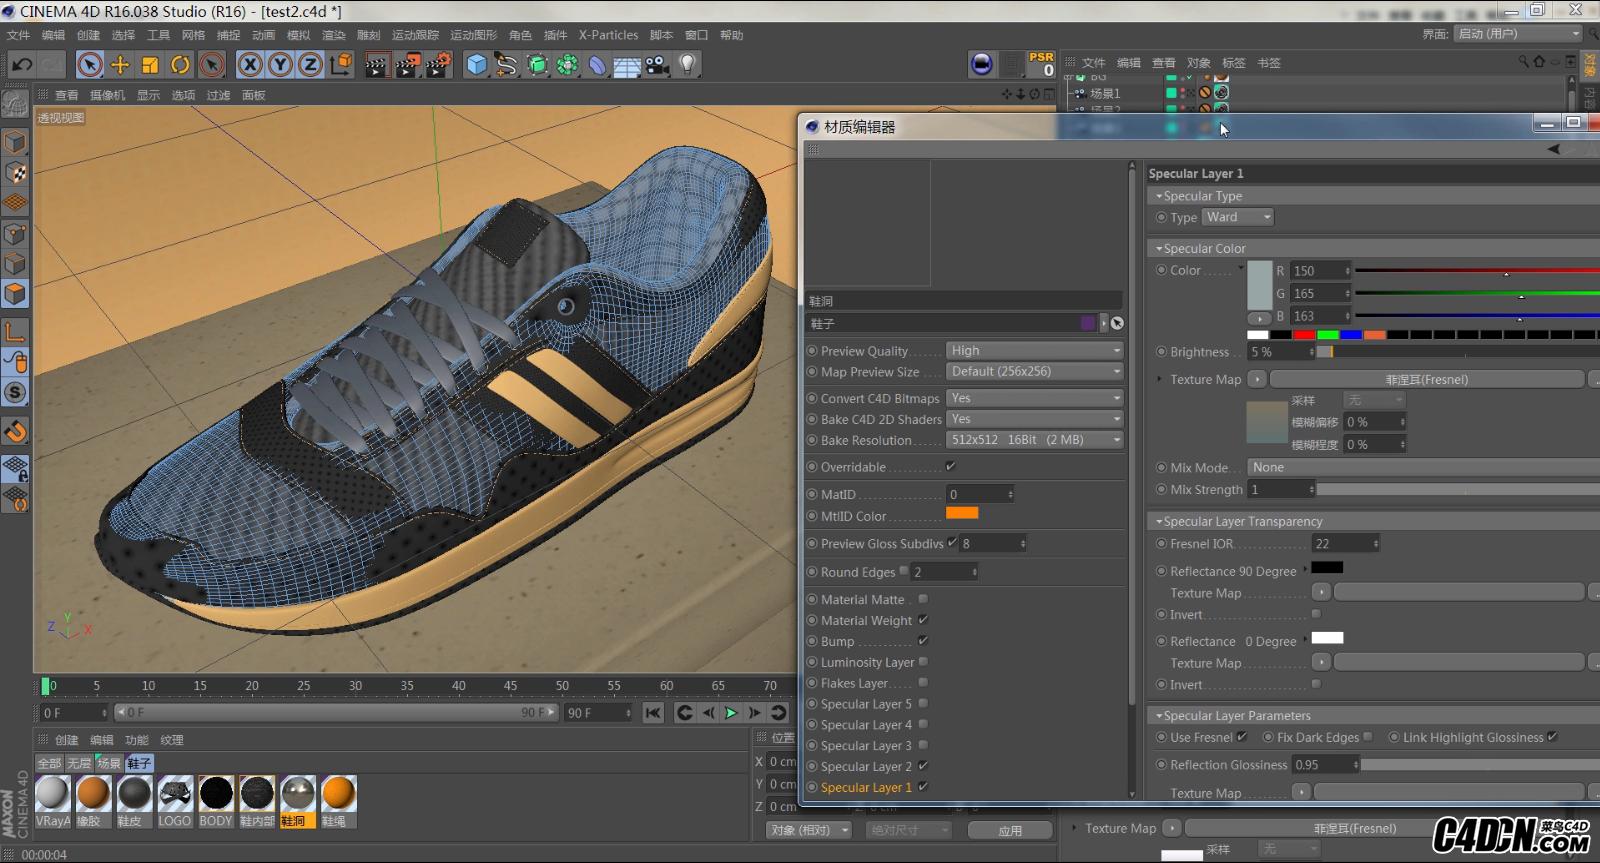 C4D渲染一双真实质感的运动鞋